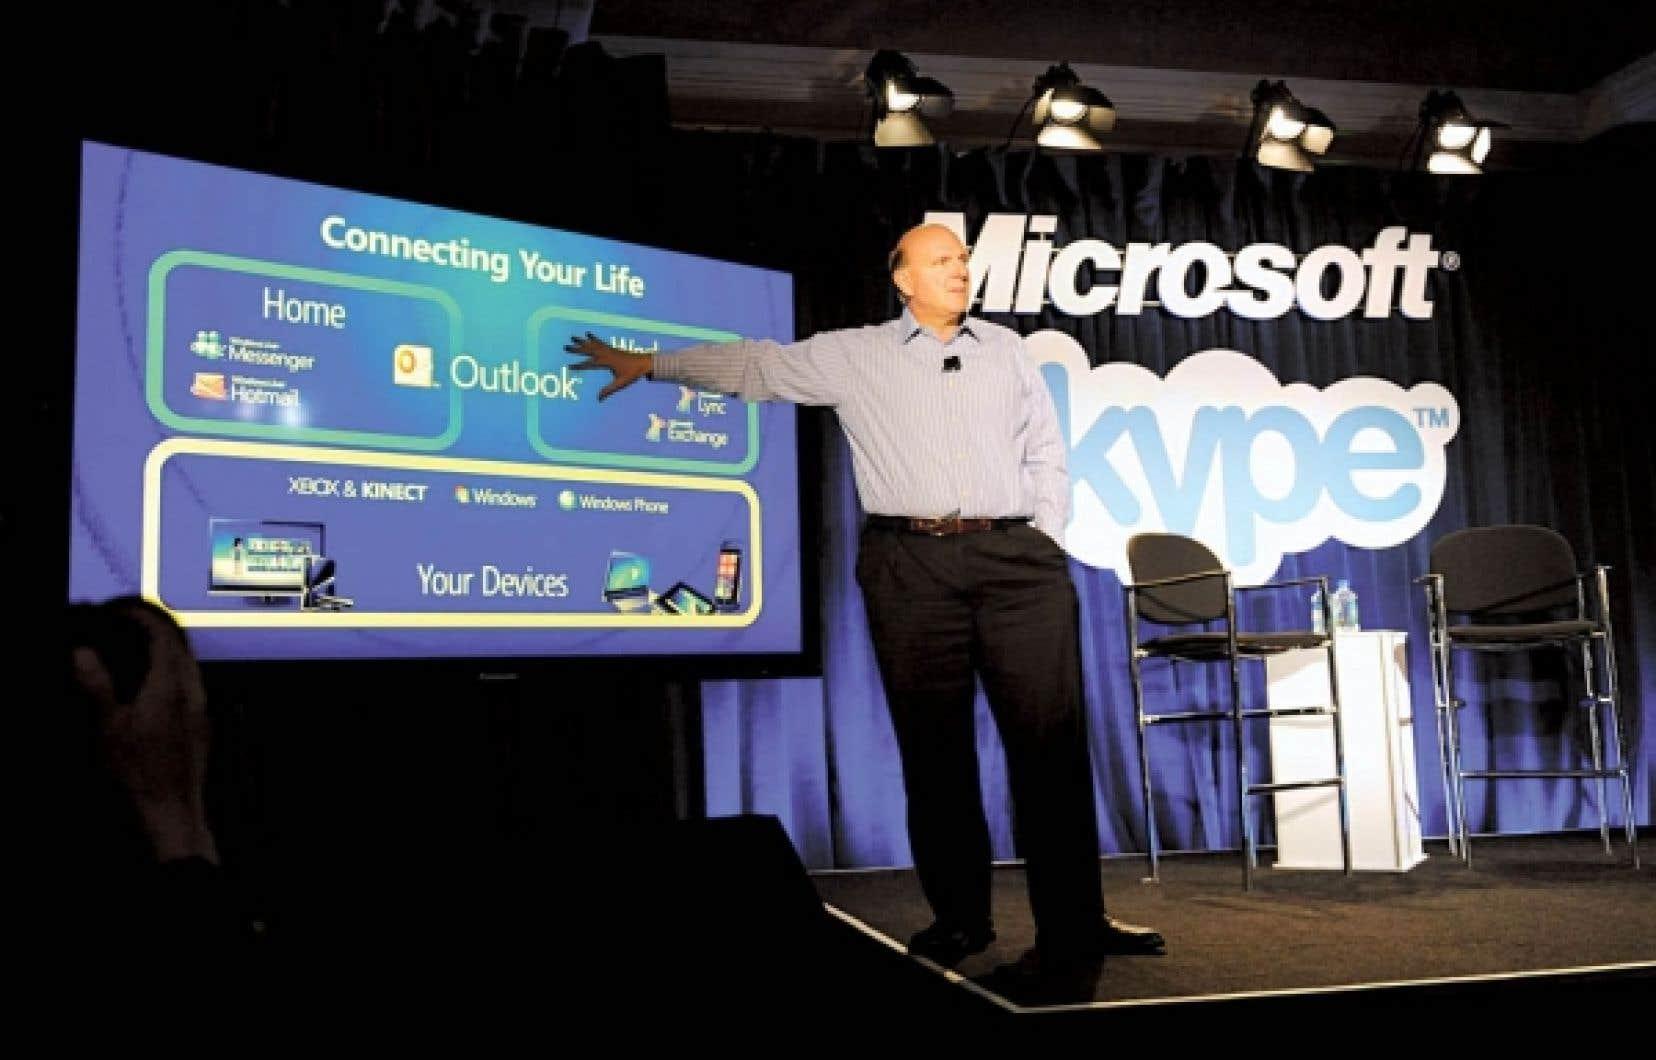 Steve Balmer, chef de la direction de Microsoft, doit affronter le scepticisme des analystes financiers et, sans doute, de plusieurs actionnaires quant au prix payé pour acquérir Skype.